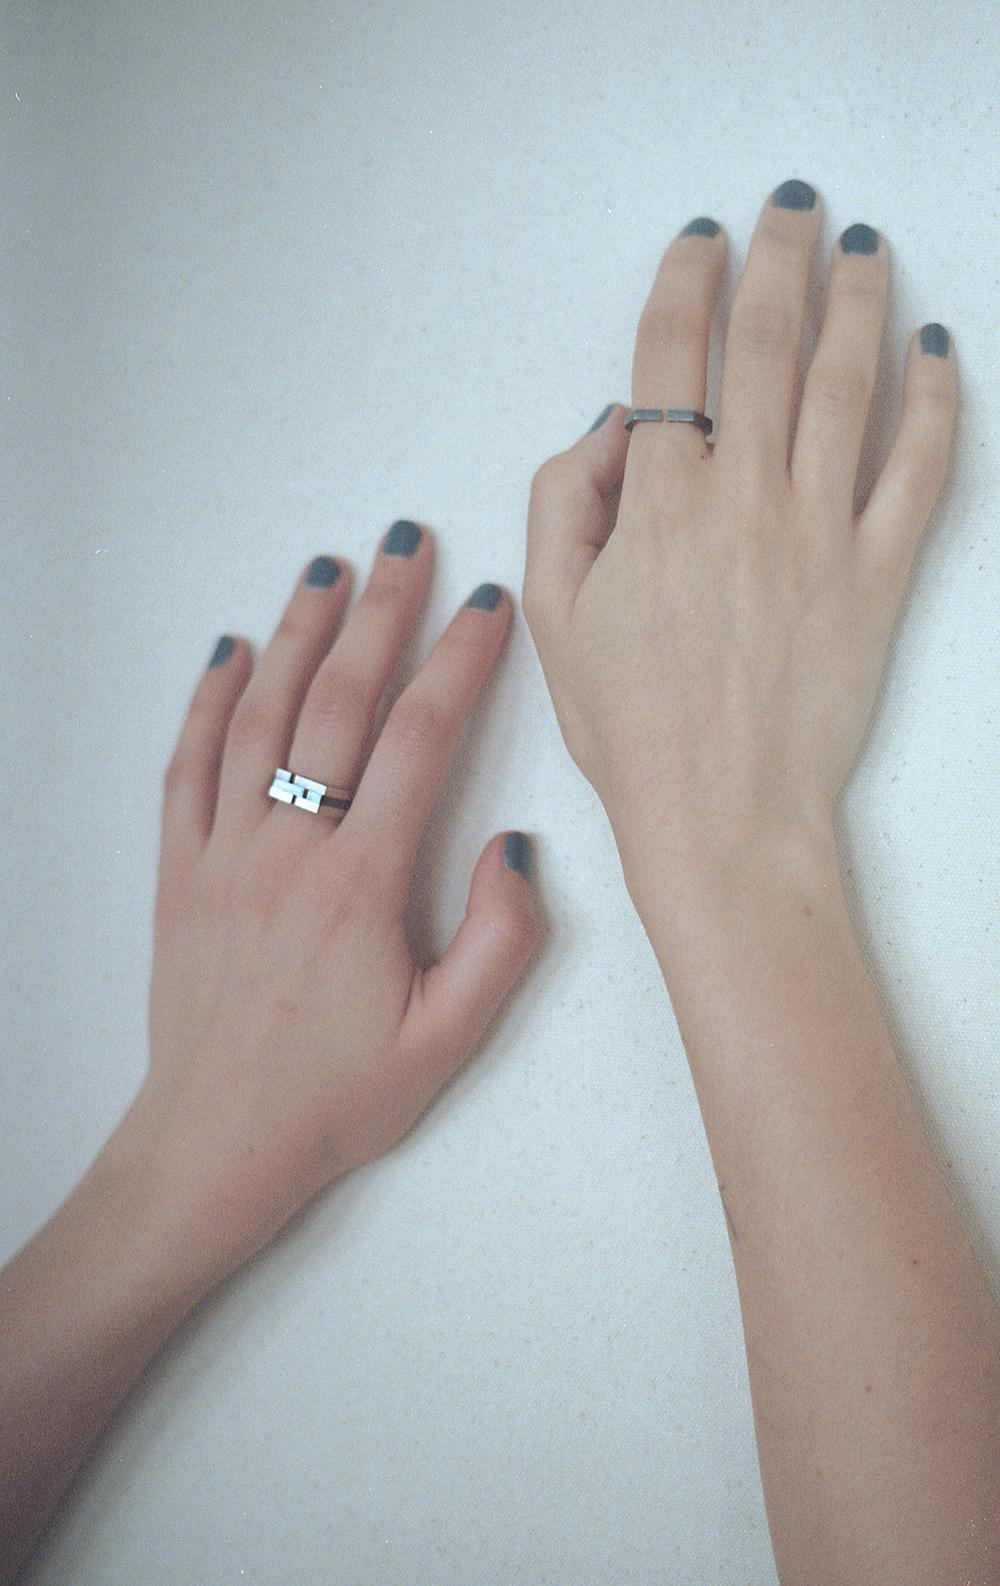 Arc Jewellery - Vacancy Lookbook - Minuscule Gap Rings 2